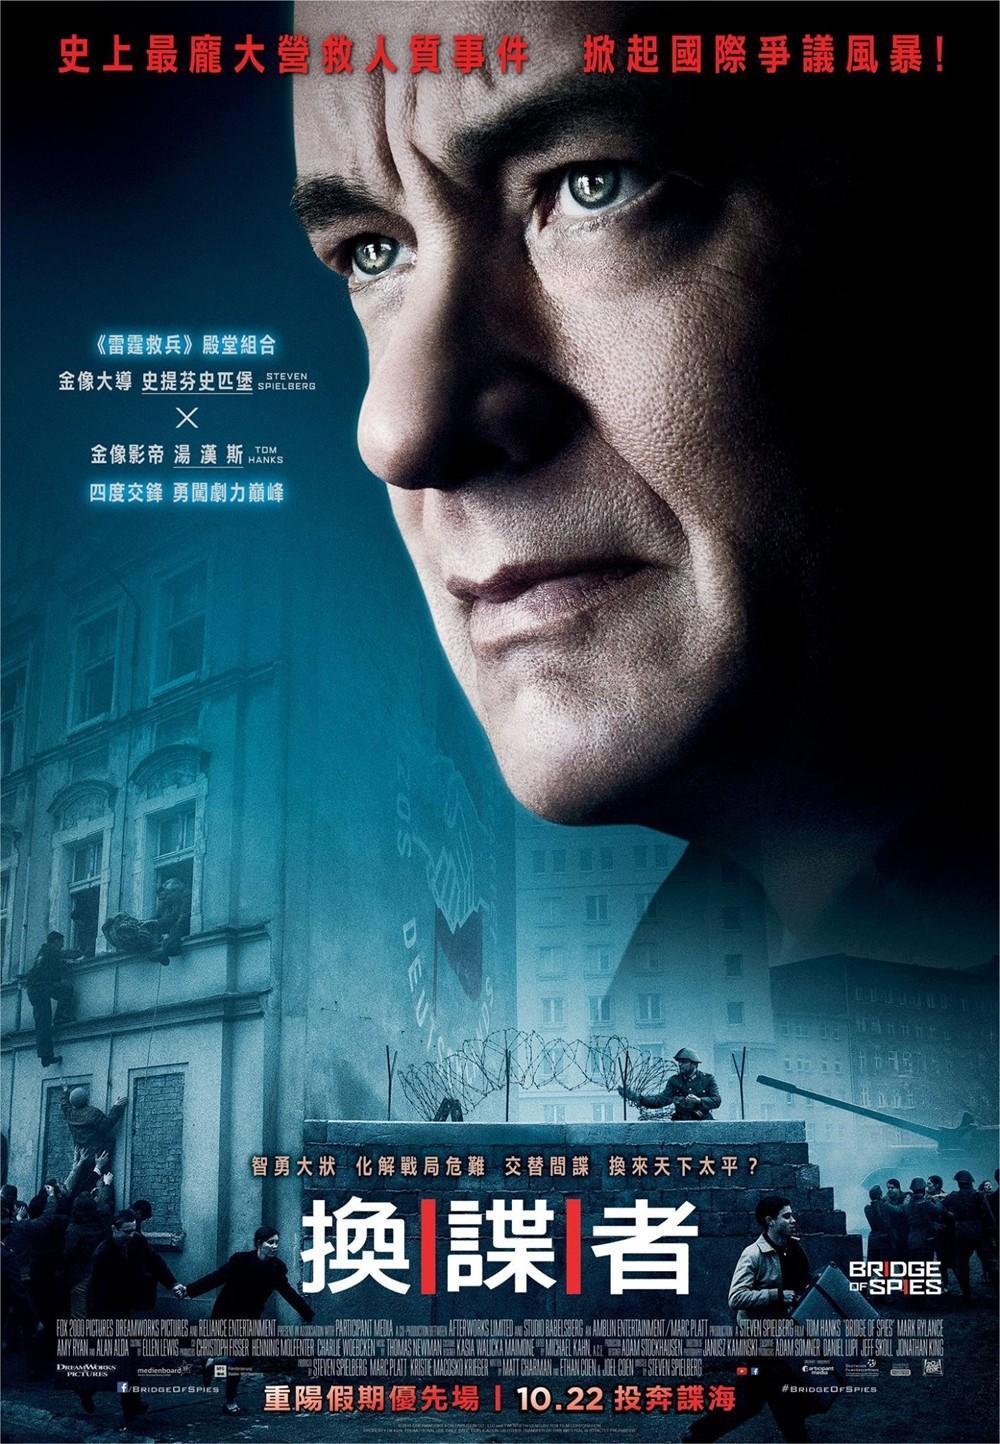 《间谍之桥》他,standing man 就是美国!